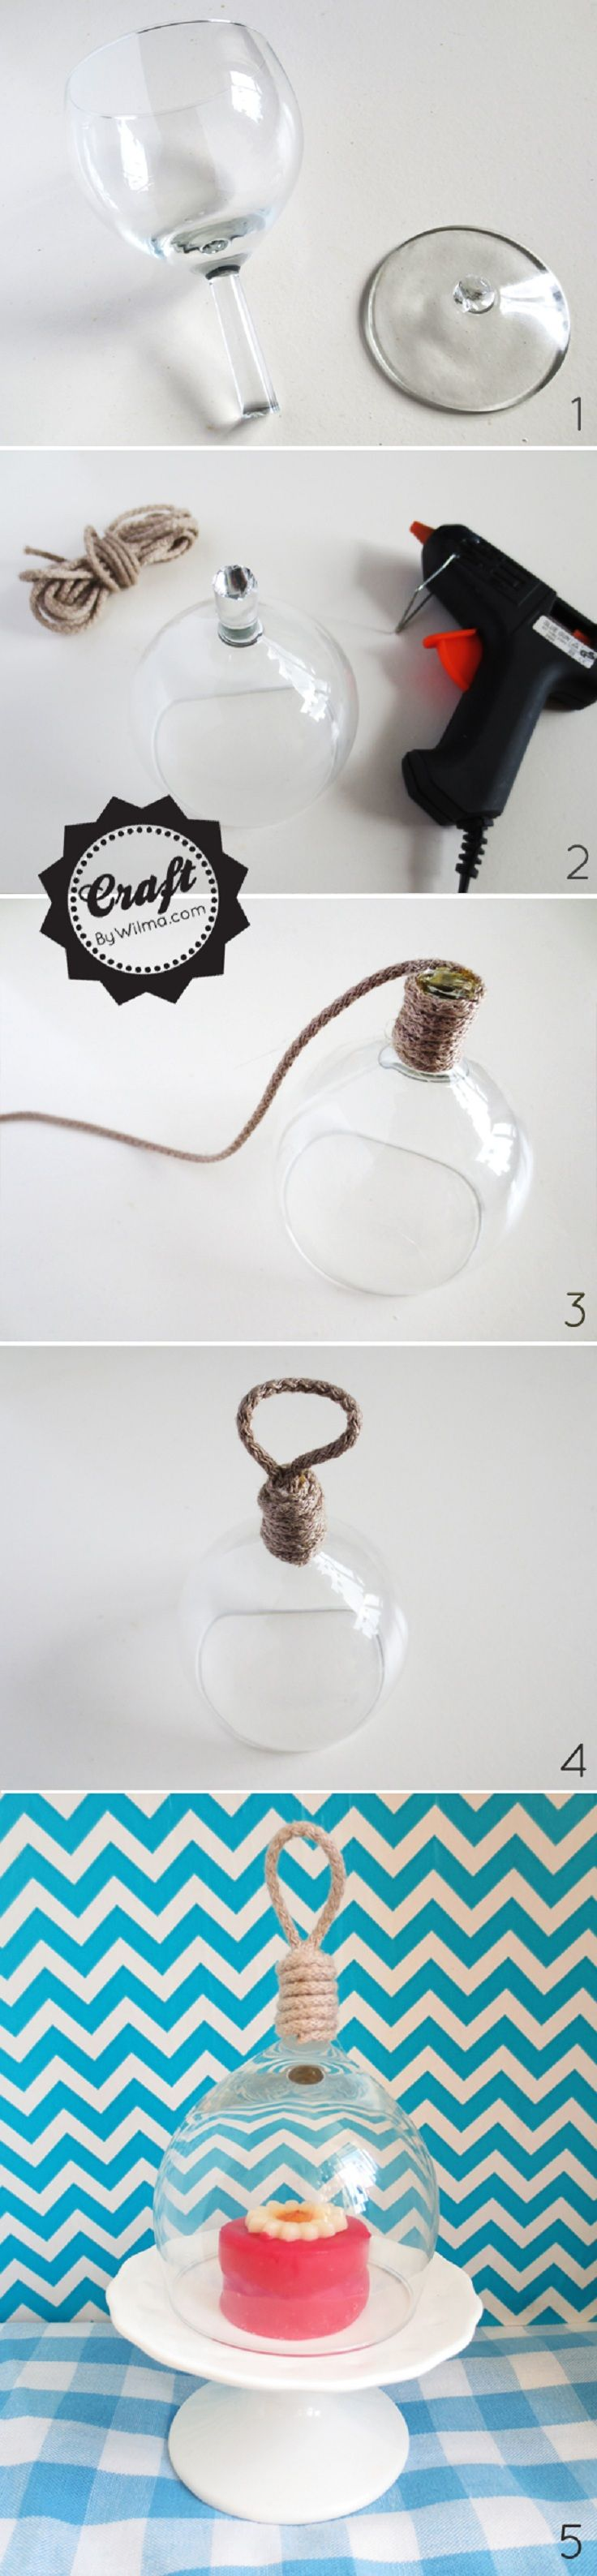 A faire soit même : une mini cloche de présentation avec un verre à vin cassé - DIY Mini Bell Jar From a Broken Wine Glass